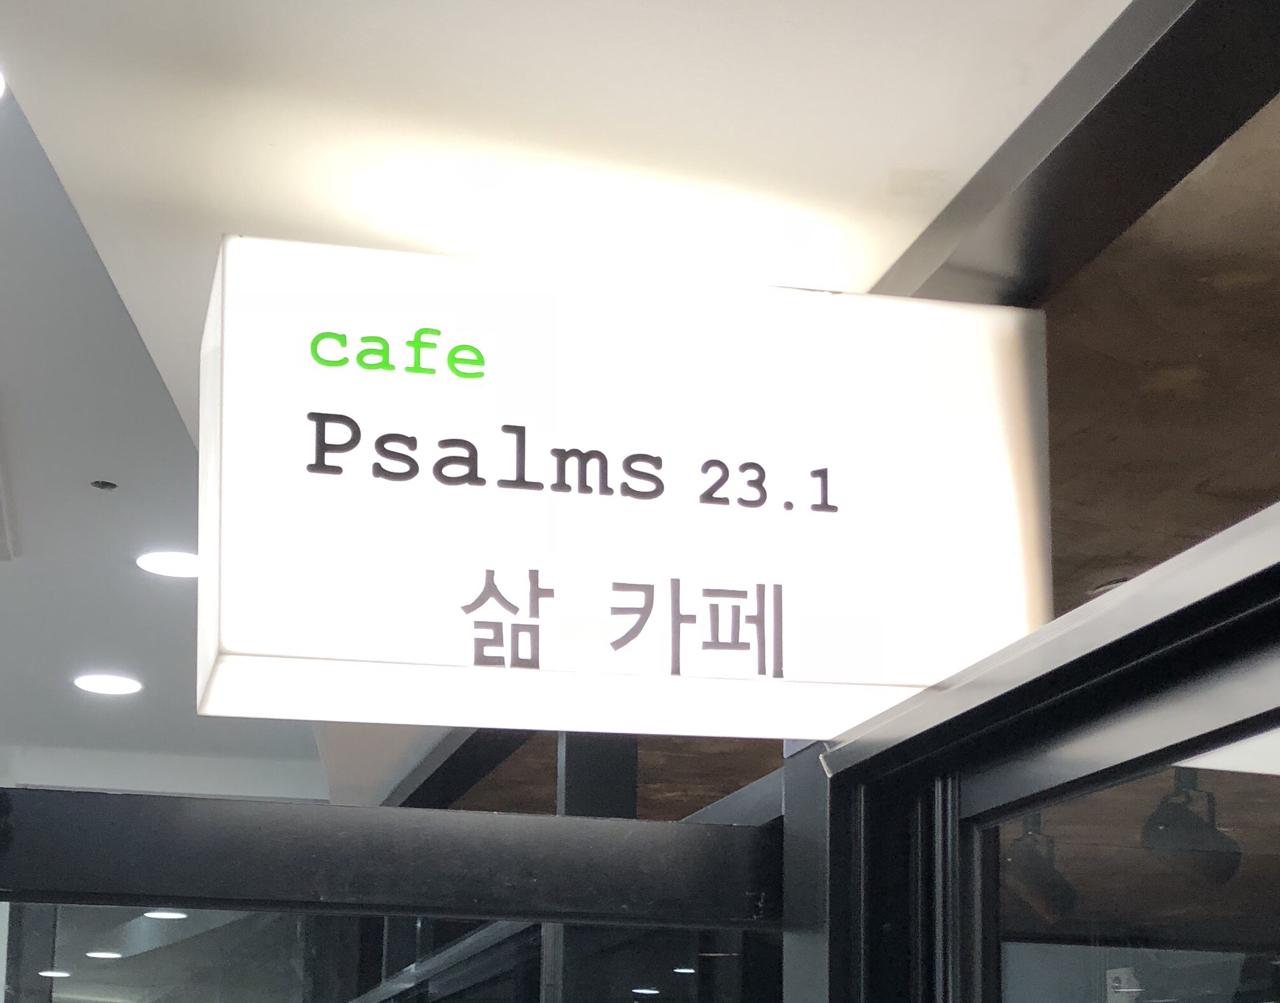 삶 카페(Psalms 23.1)